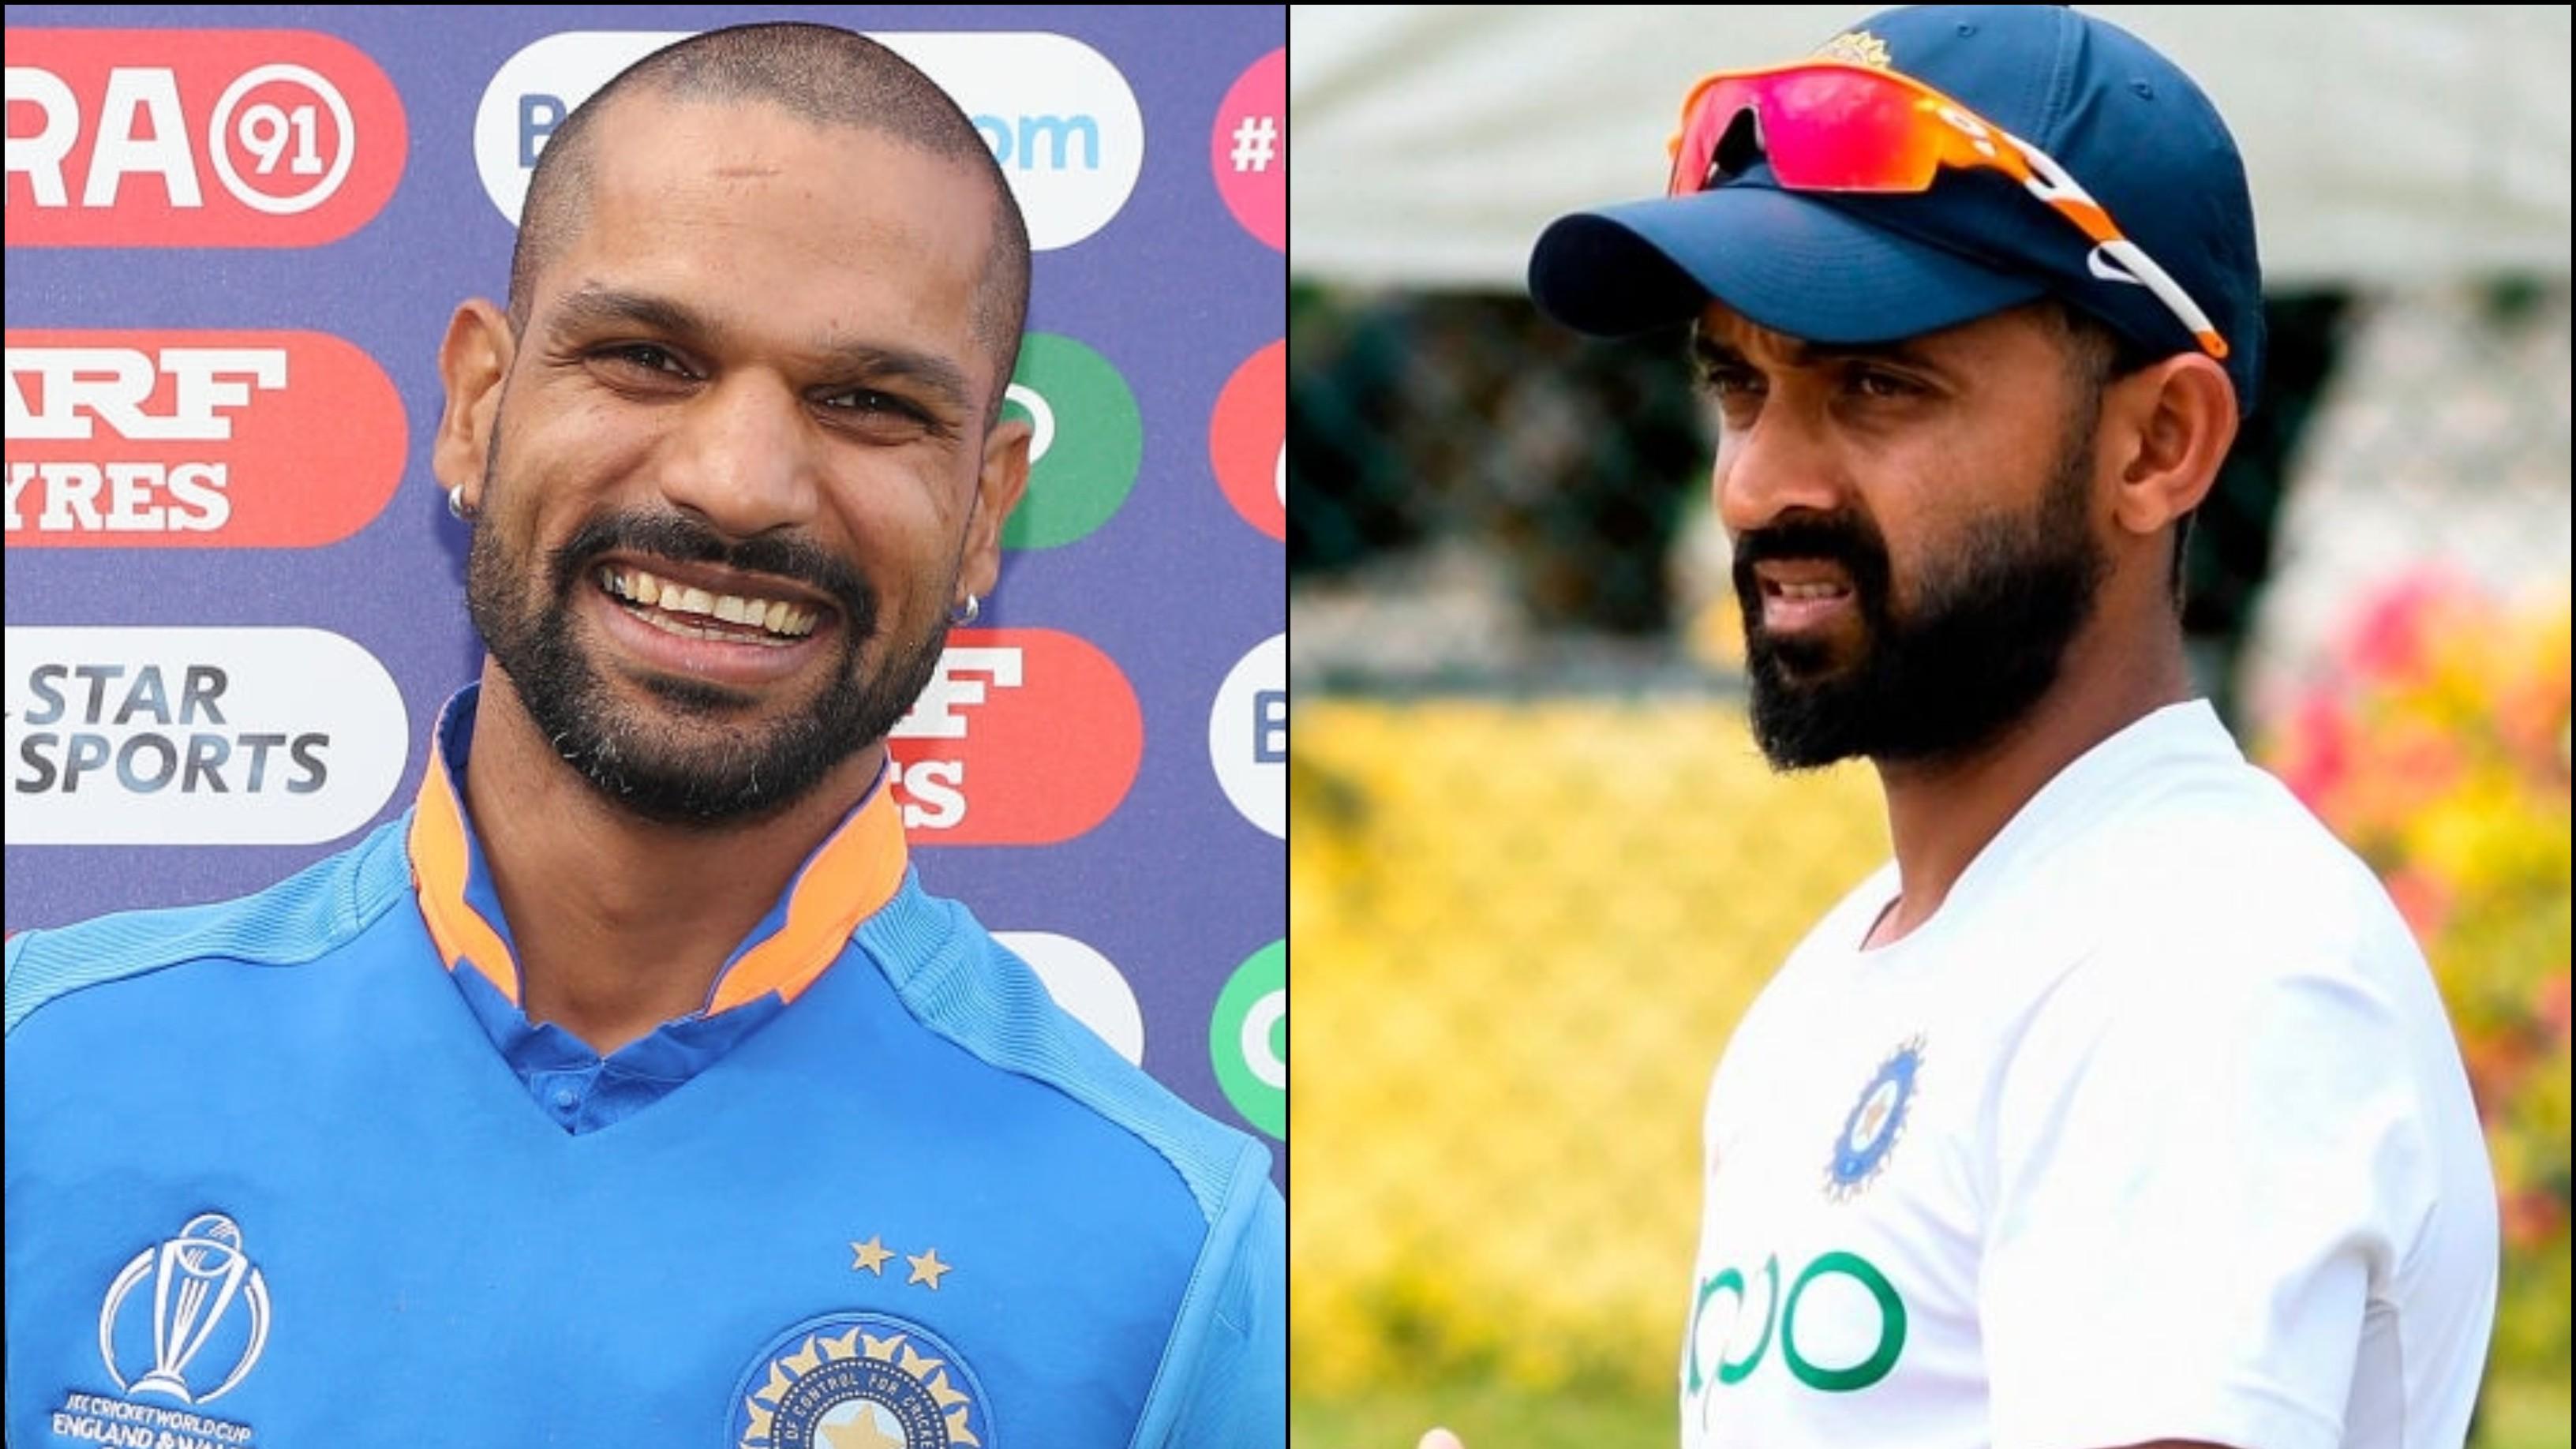 अजिंक्य रहाणे ने गुलाबी गेंद के साथ की फोटो पोस्ट, विराट कोहली और शिखर धवन ने किया मजाकिया कमेंट